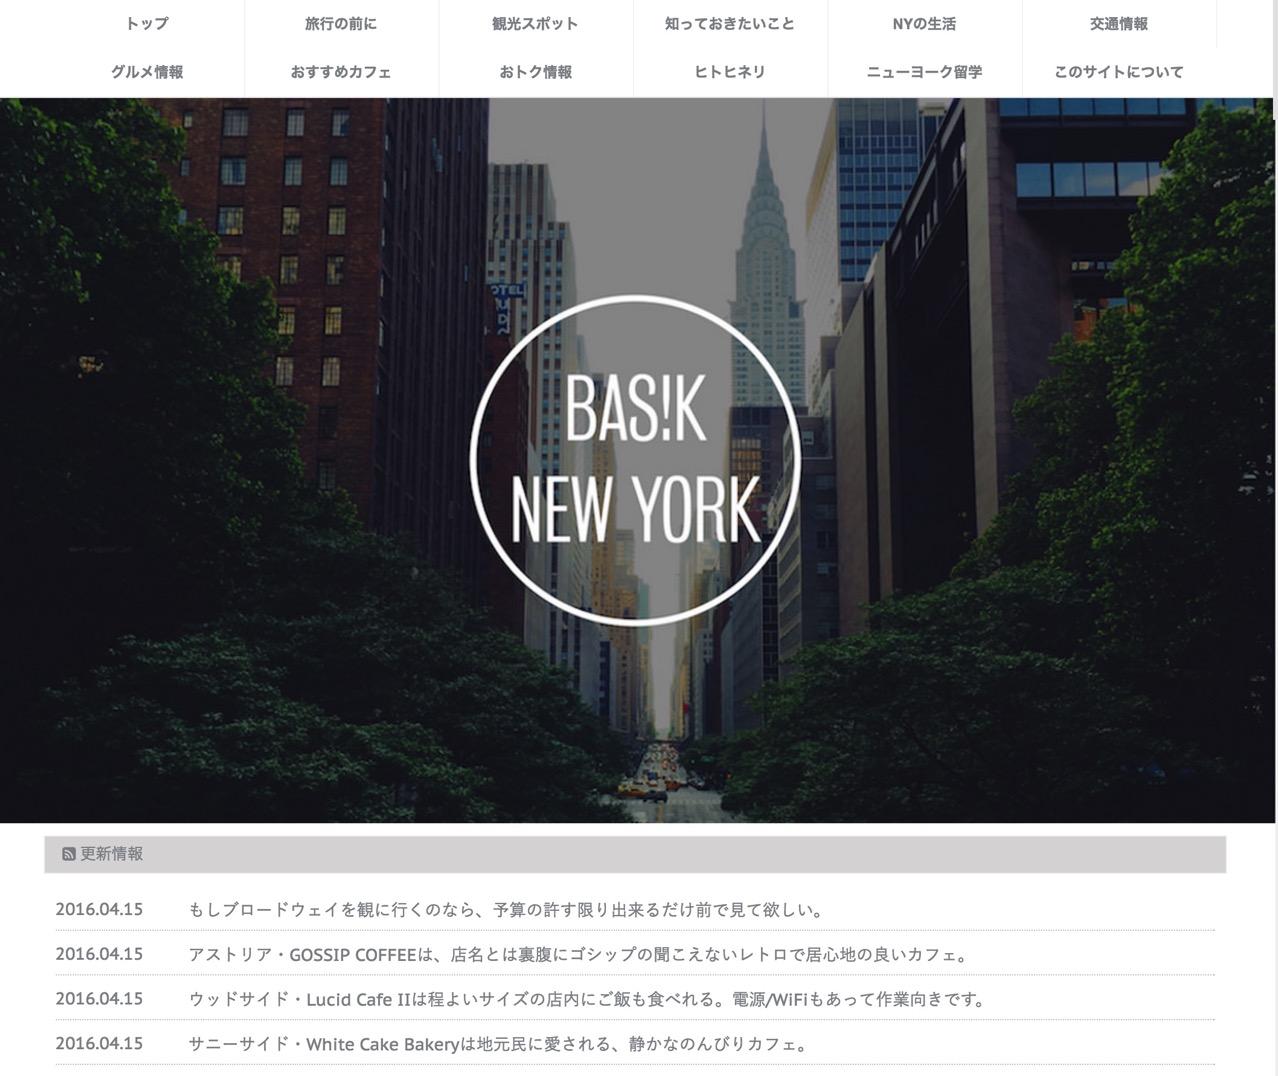 ニューヨークの観光旅行情報サイト BASIK NEW YORK